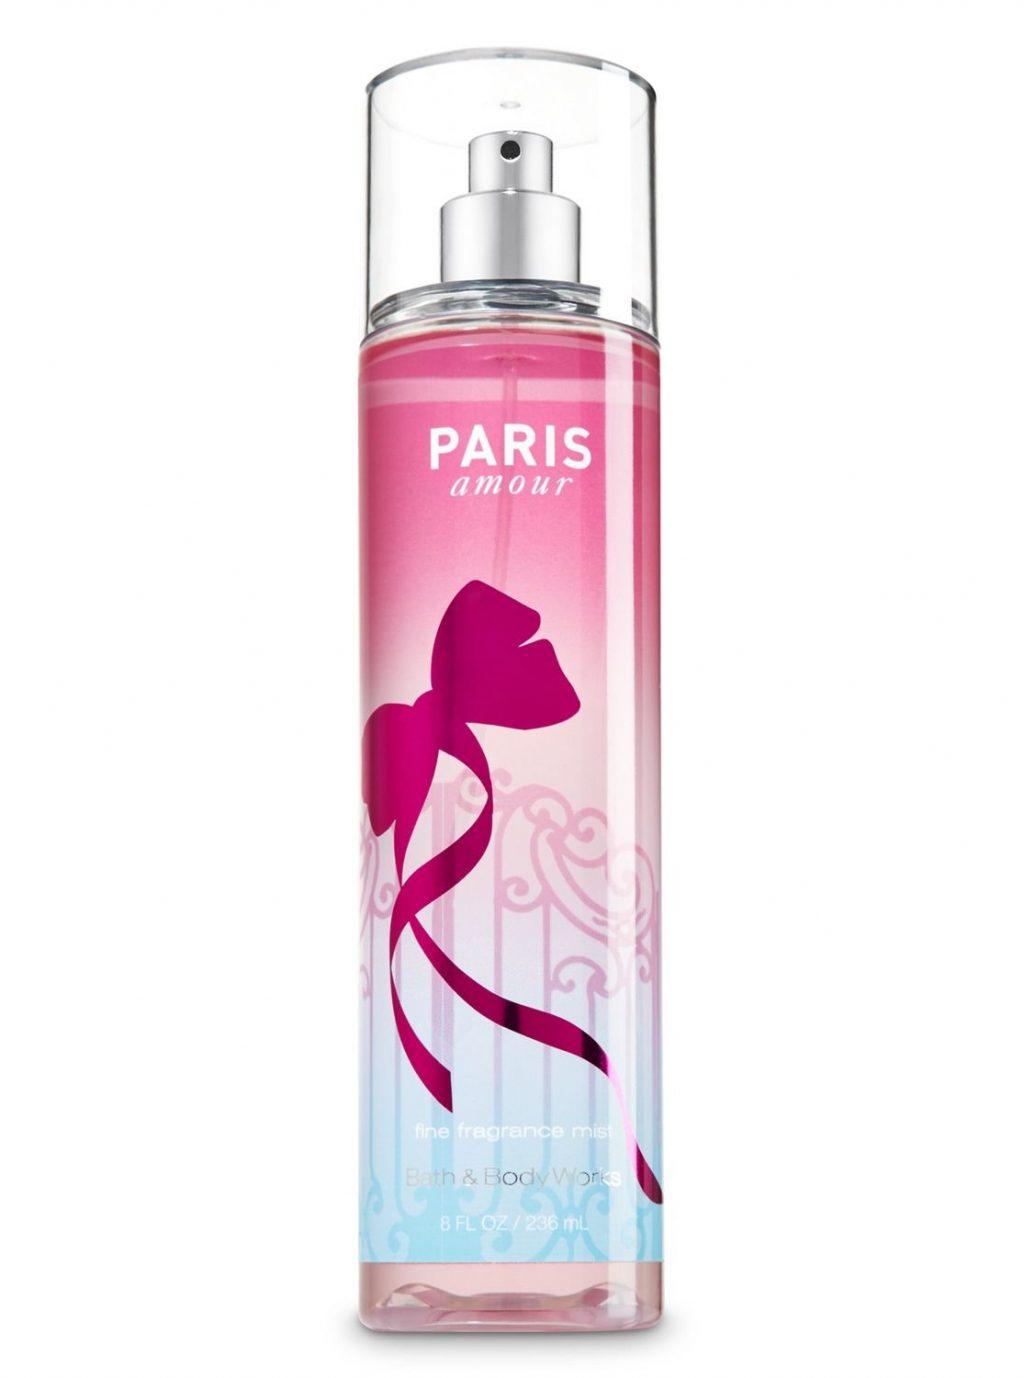 xịt thơm toàn thân Bath & Body Works Paris Amour